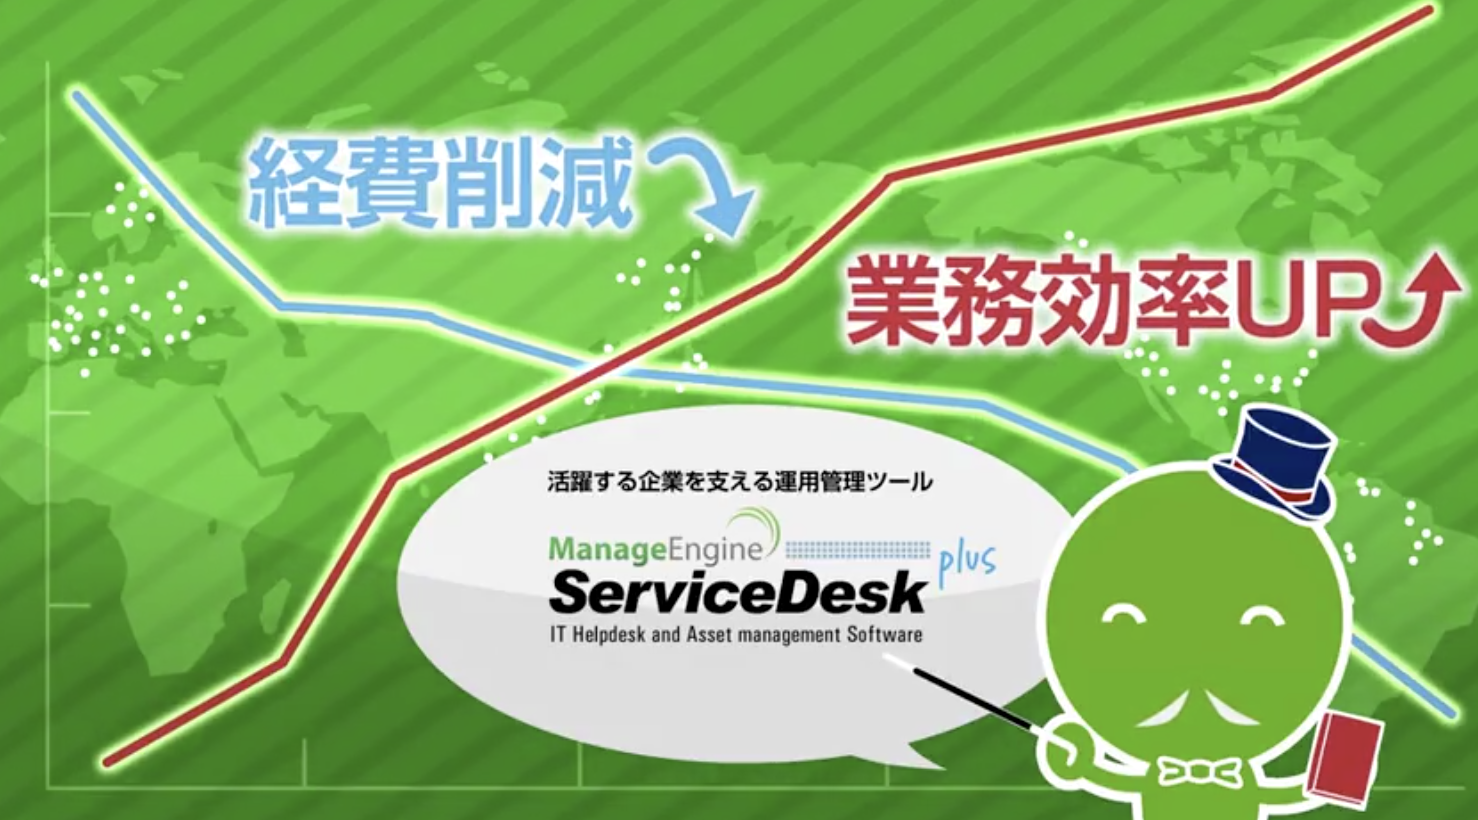 ゾーホージャパン ServiceDesk plus